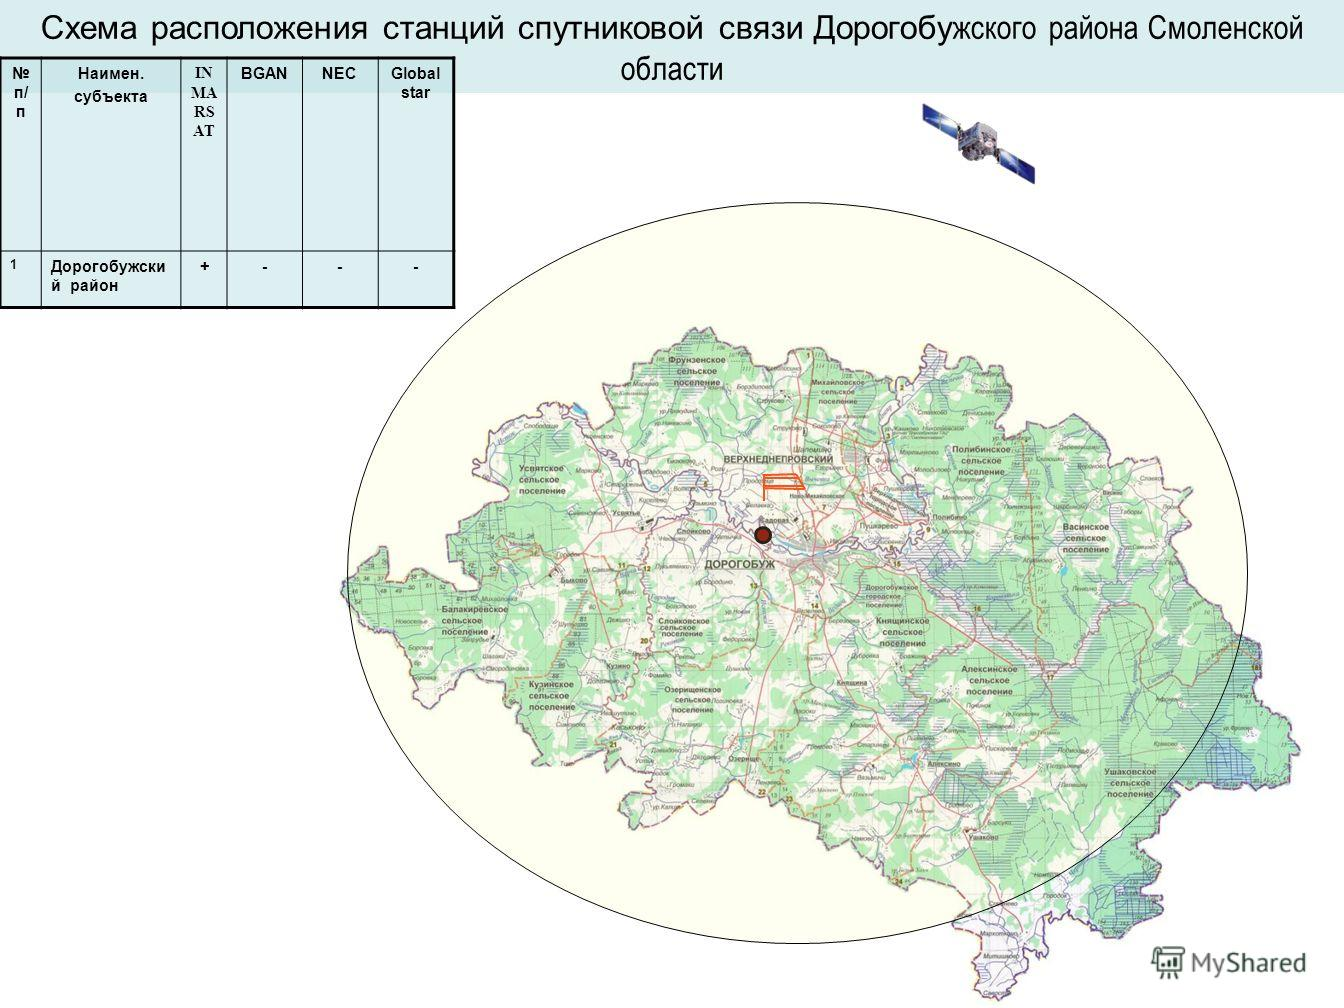 Схема расположения станций спутниковой связи Дорогобу жского района Смоленской области п/ п Наимен. субъекта IN MA RS AT BGANNECGlobal star 1 Дорогобужски й район +---